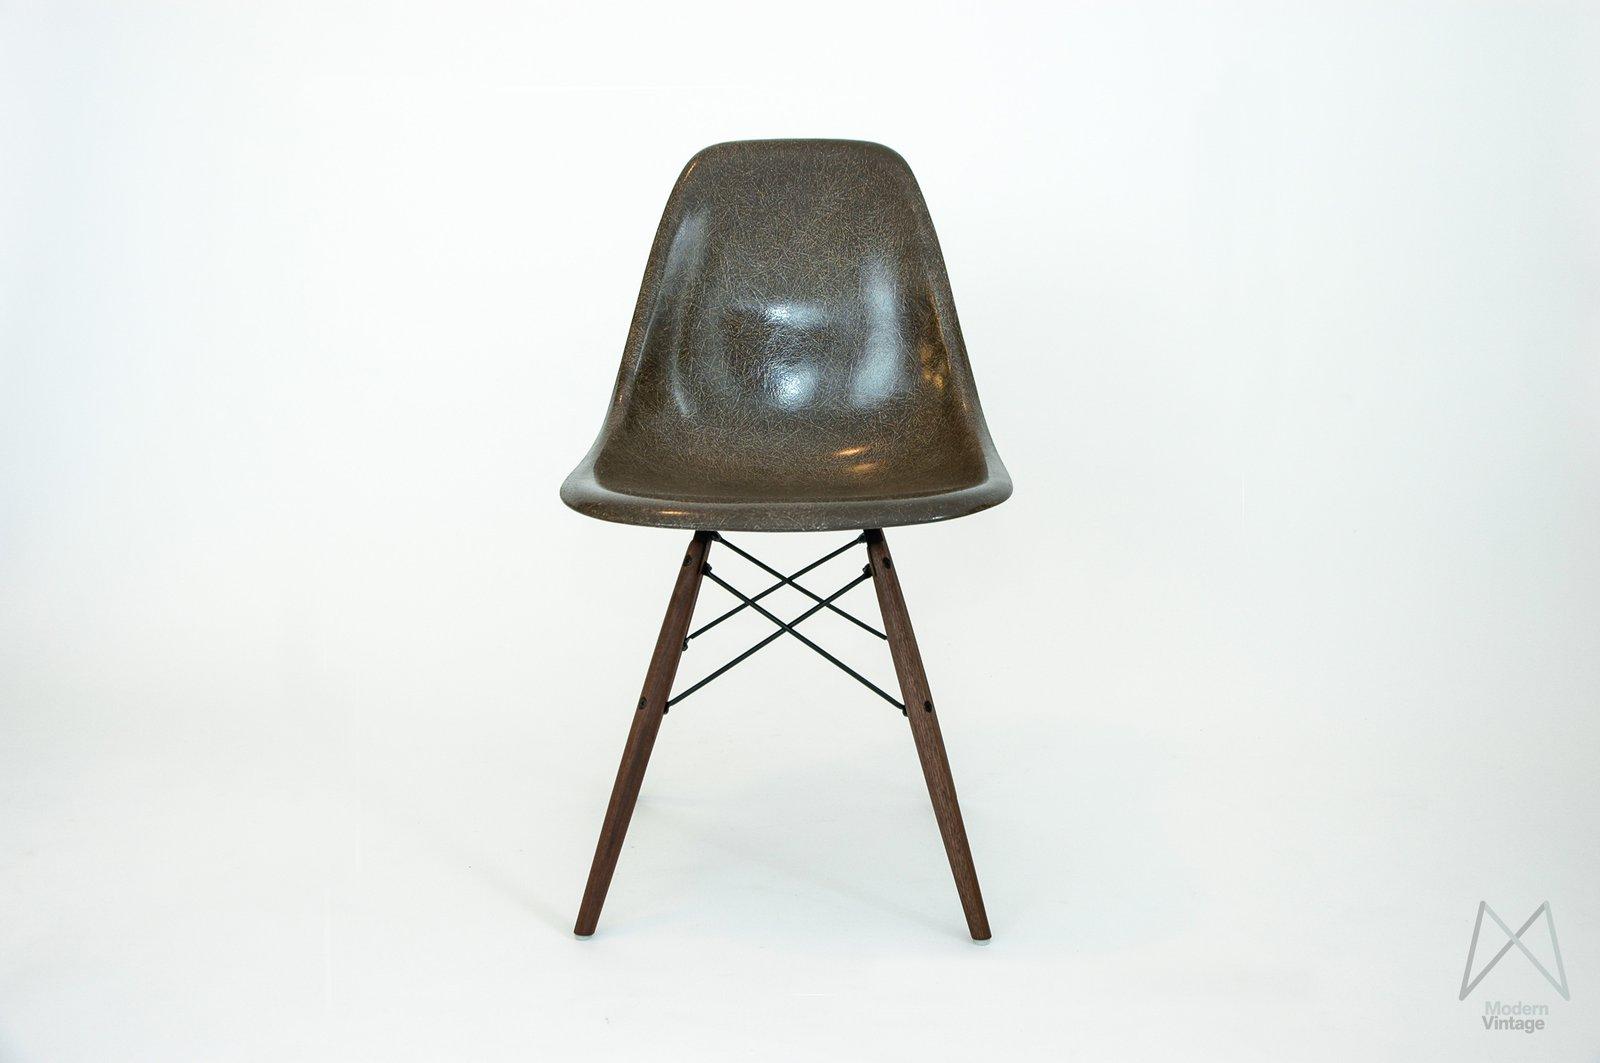 Eames Furniture Design. Image Of Eames Dsw/dsx/dsr Seal Brown Stuhl Sessel